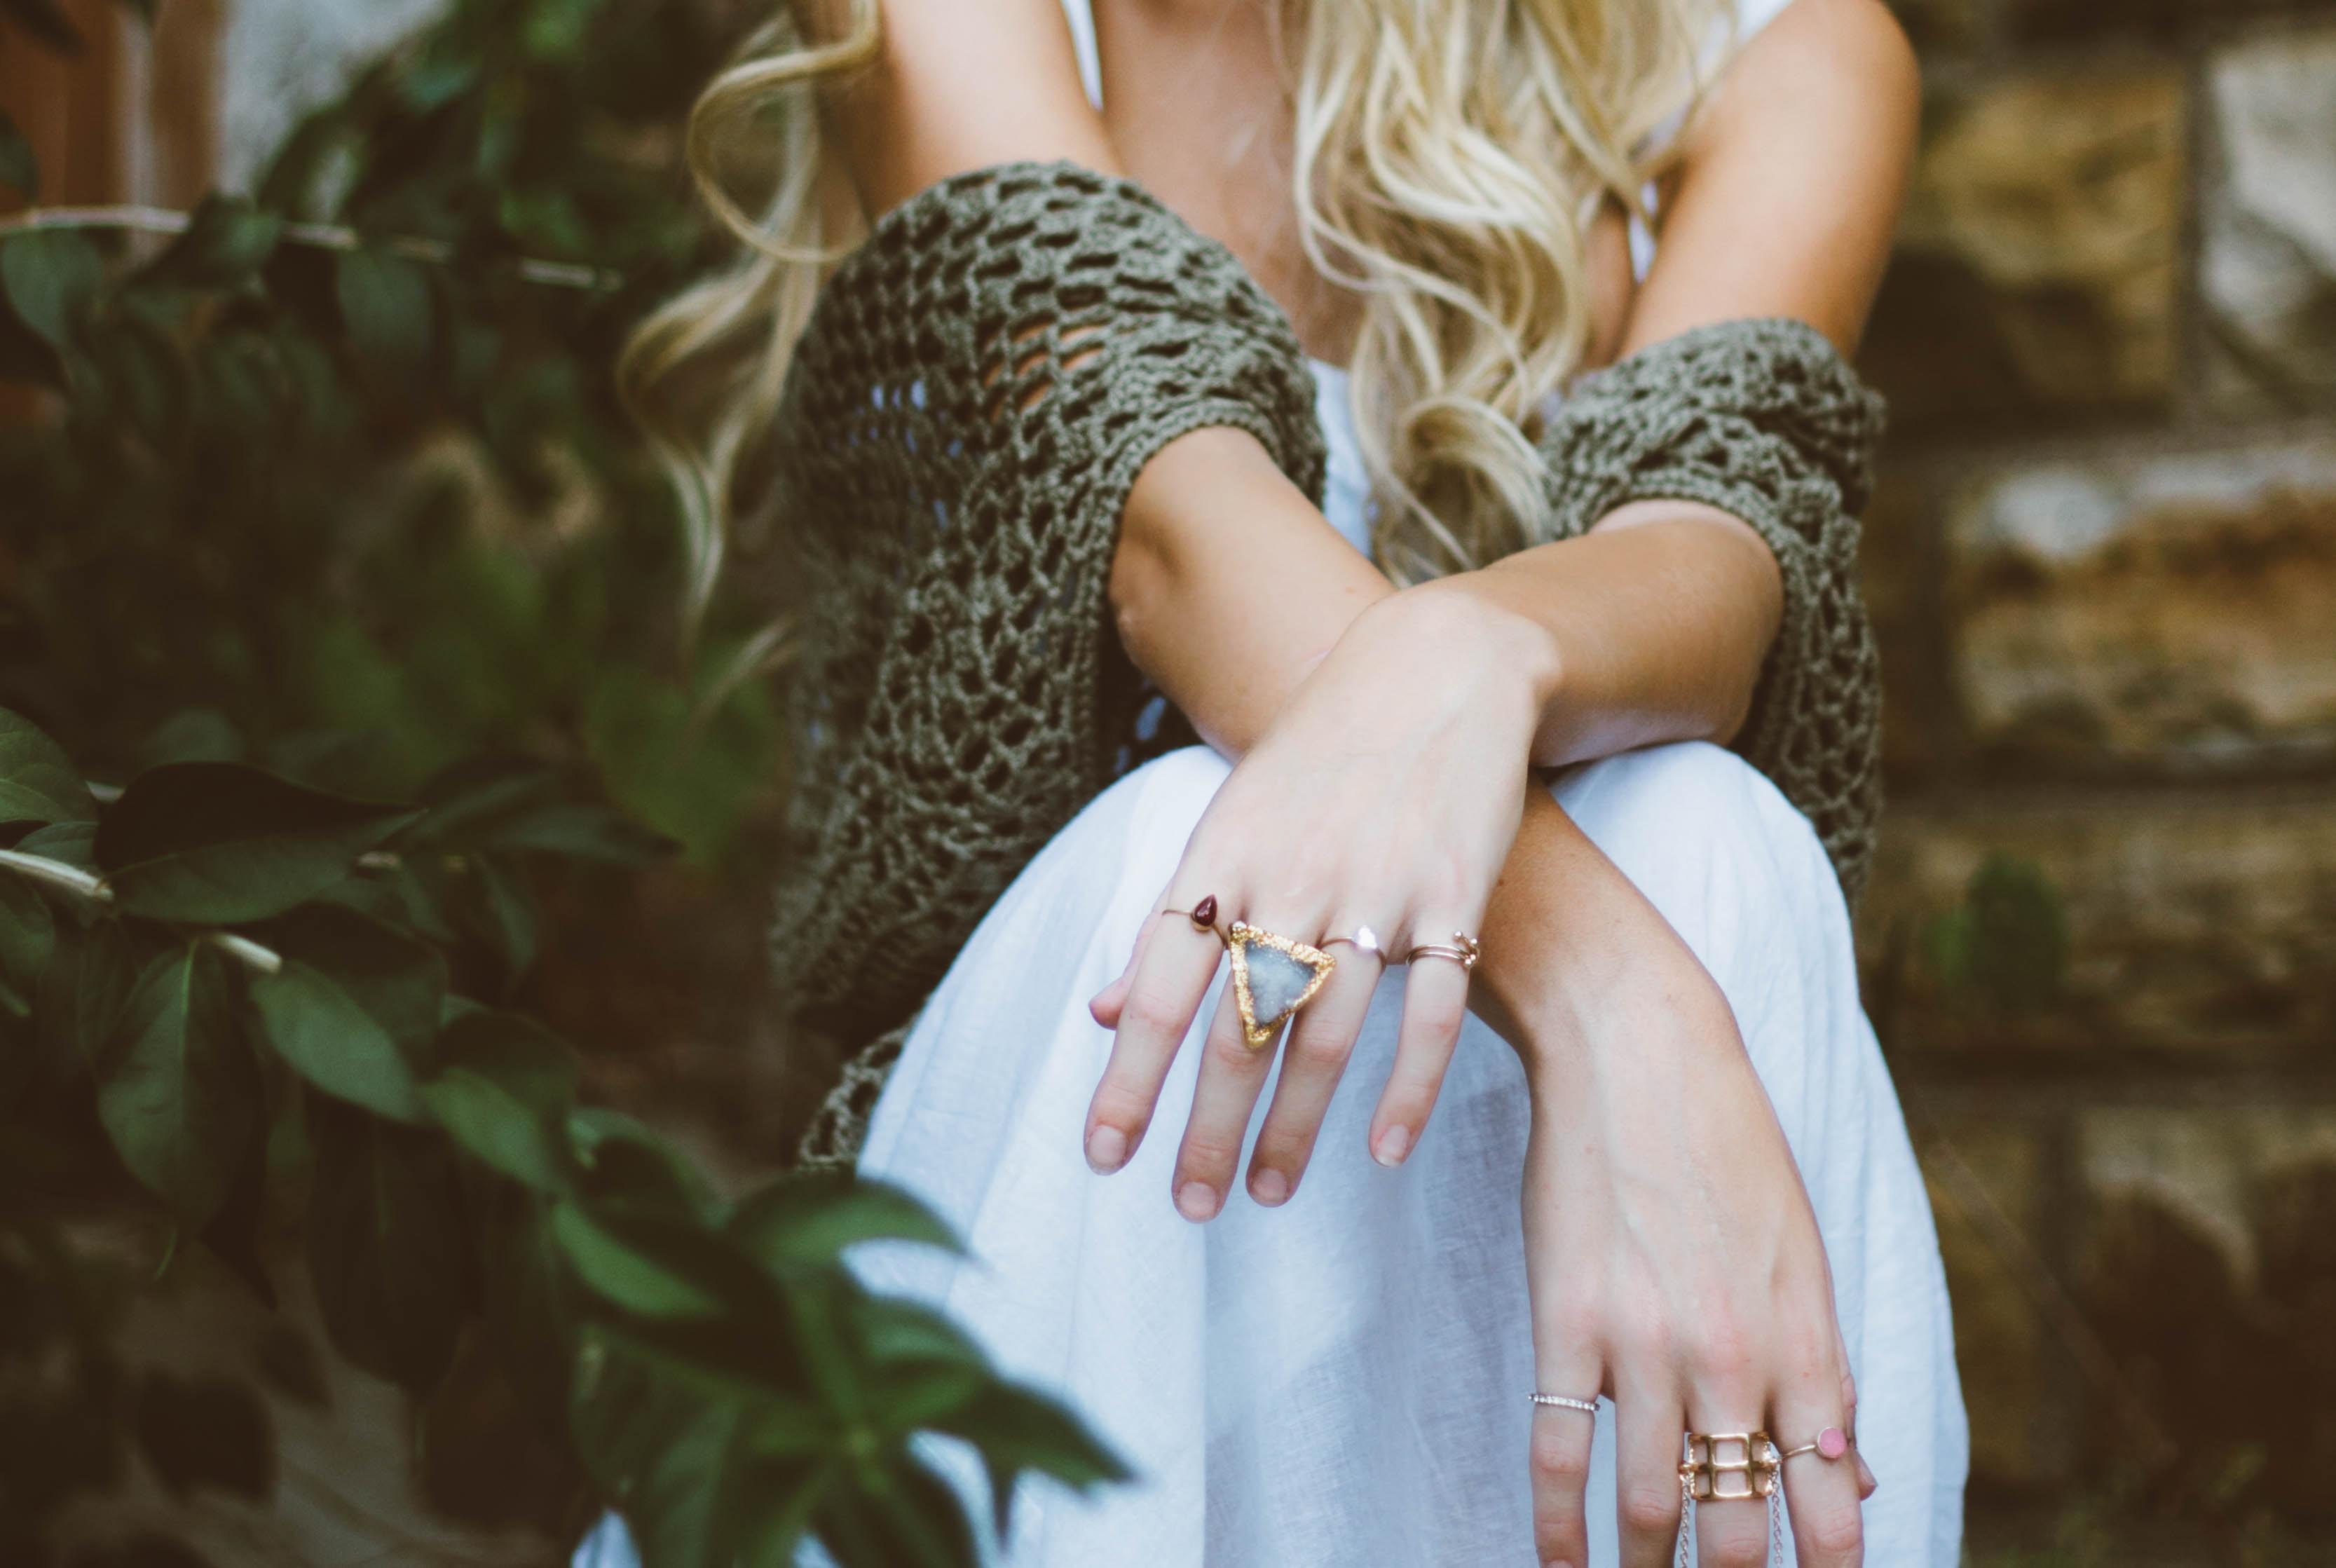 Białe plamki na paznokciach u dorosłych i dzieci